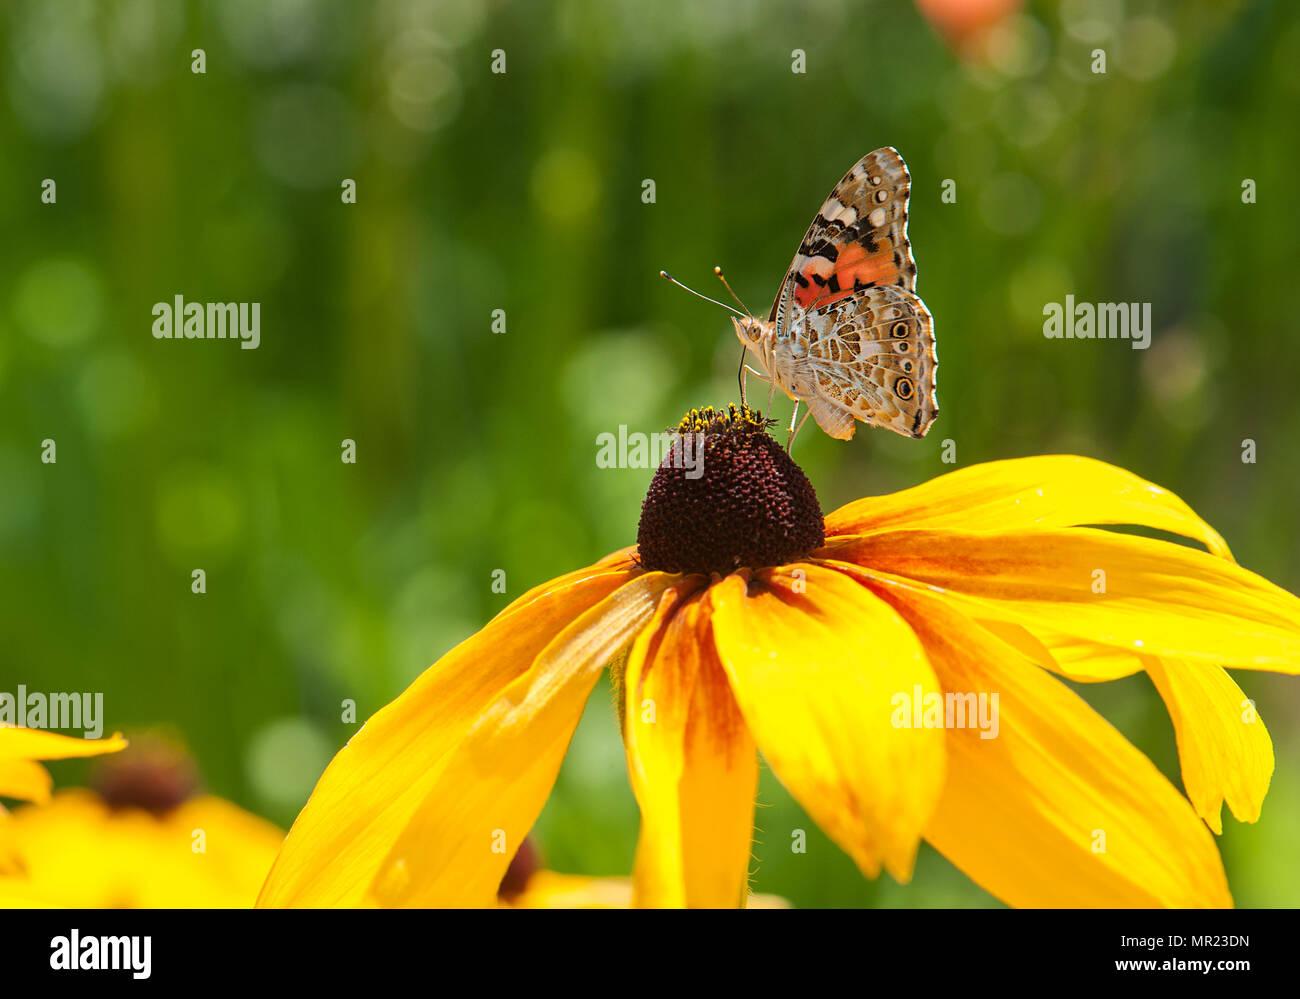 Splendido piccolo farfalla posata su un fiore giallo. Immagini Stock